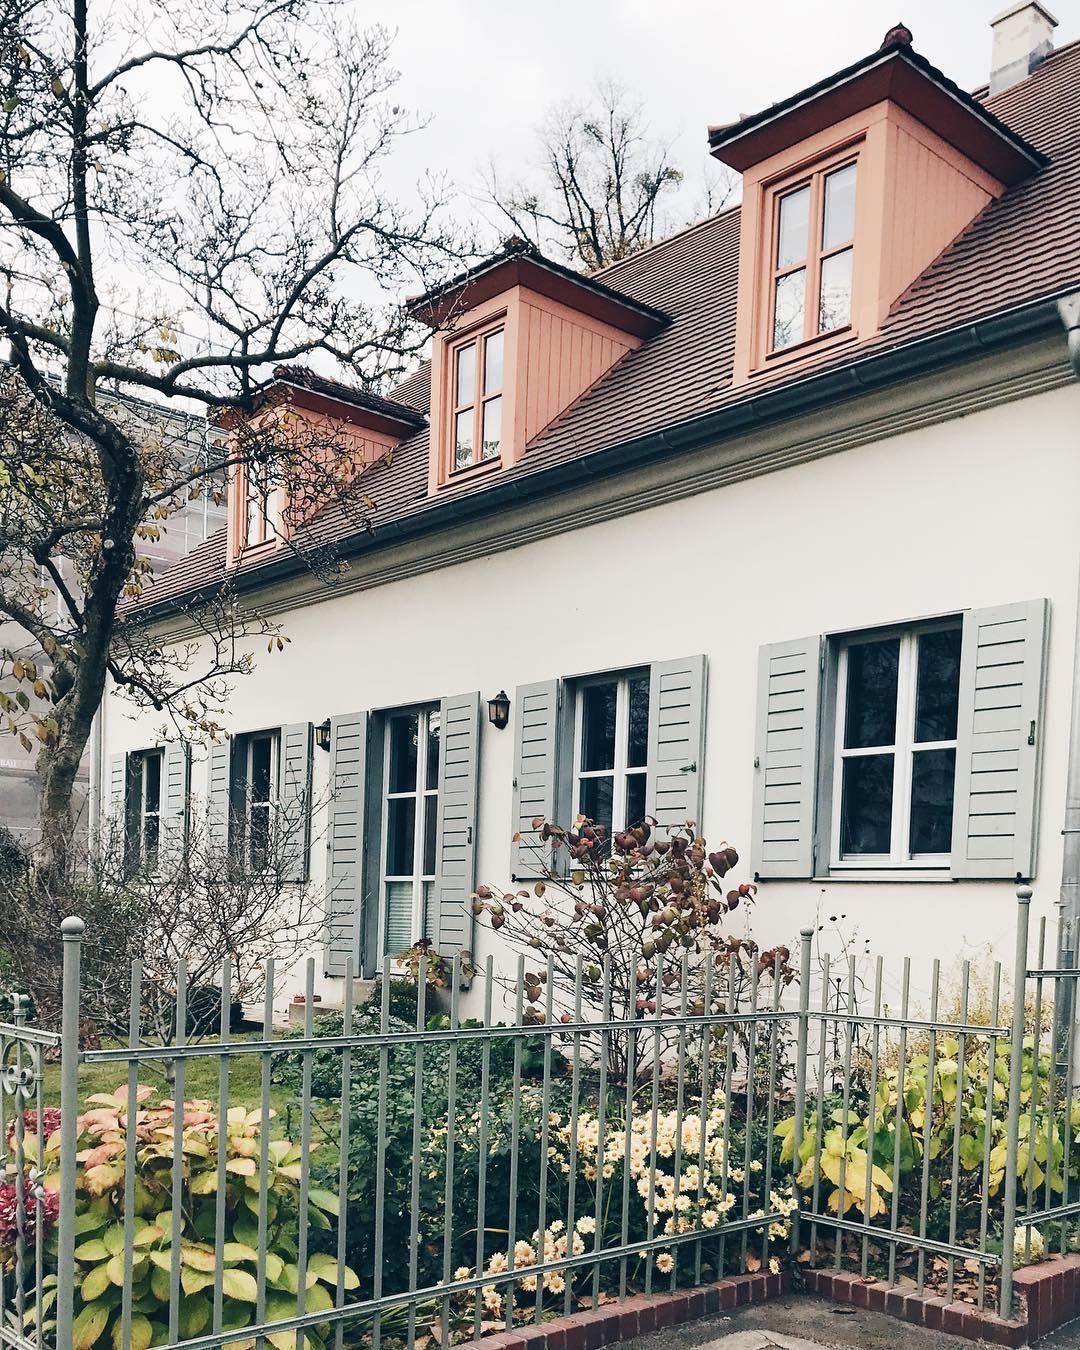 """Villa Peng on Instagram: """"Mein absoluter Favorit, denn so ähnlich stellen wir uns die Villa Peng auch eines Tages vor: Grau-weiße Fassade, blau-grüne Fensterläden…"""""""